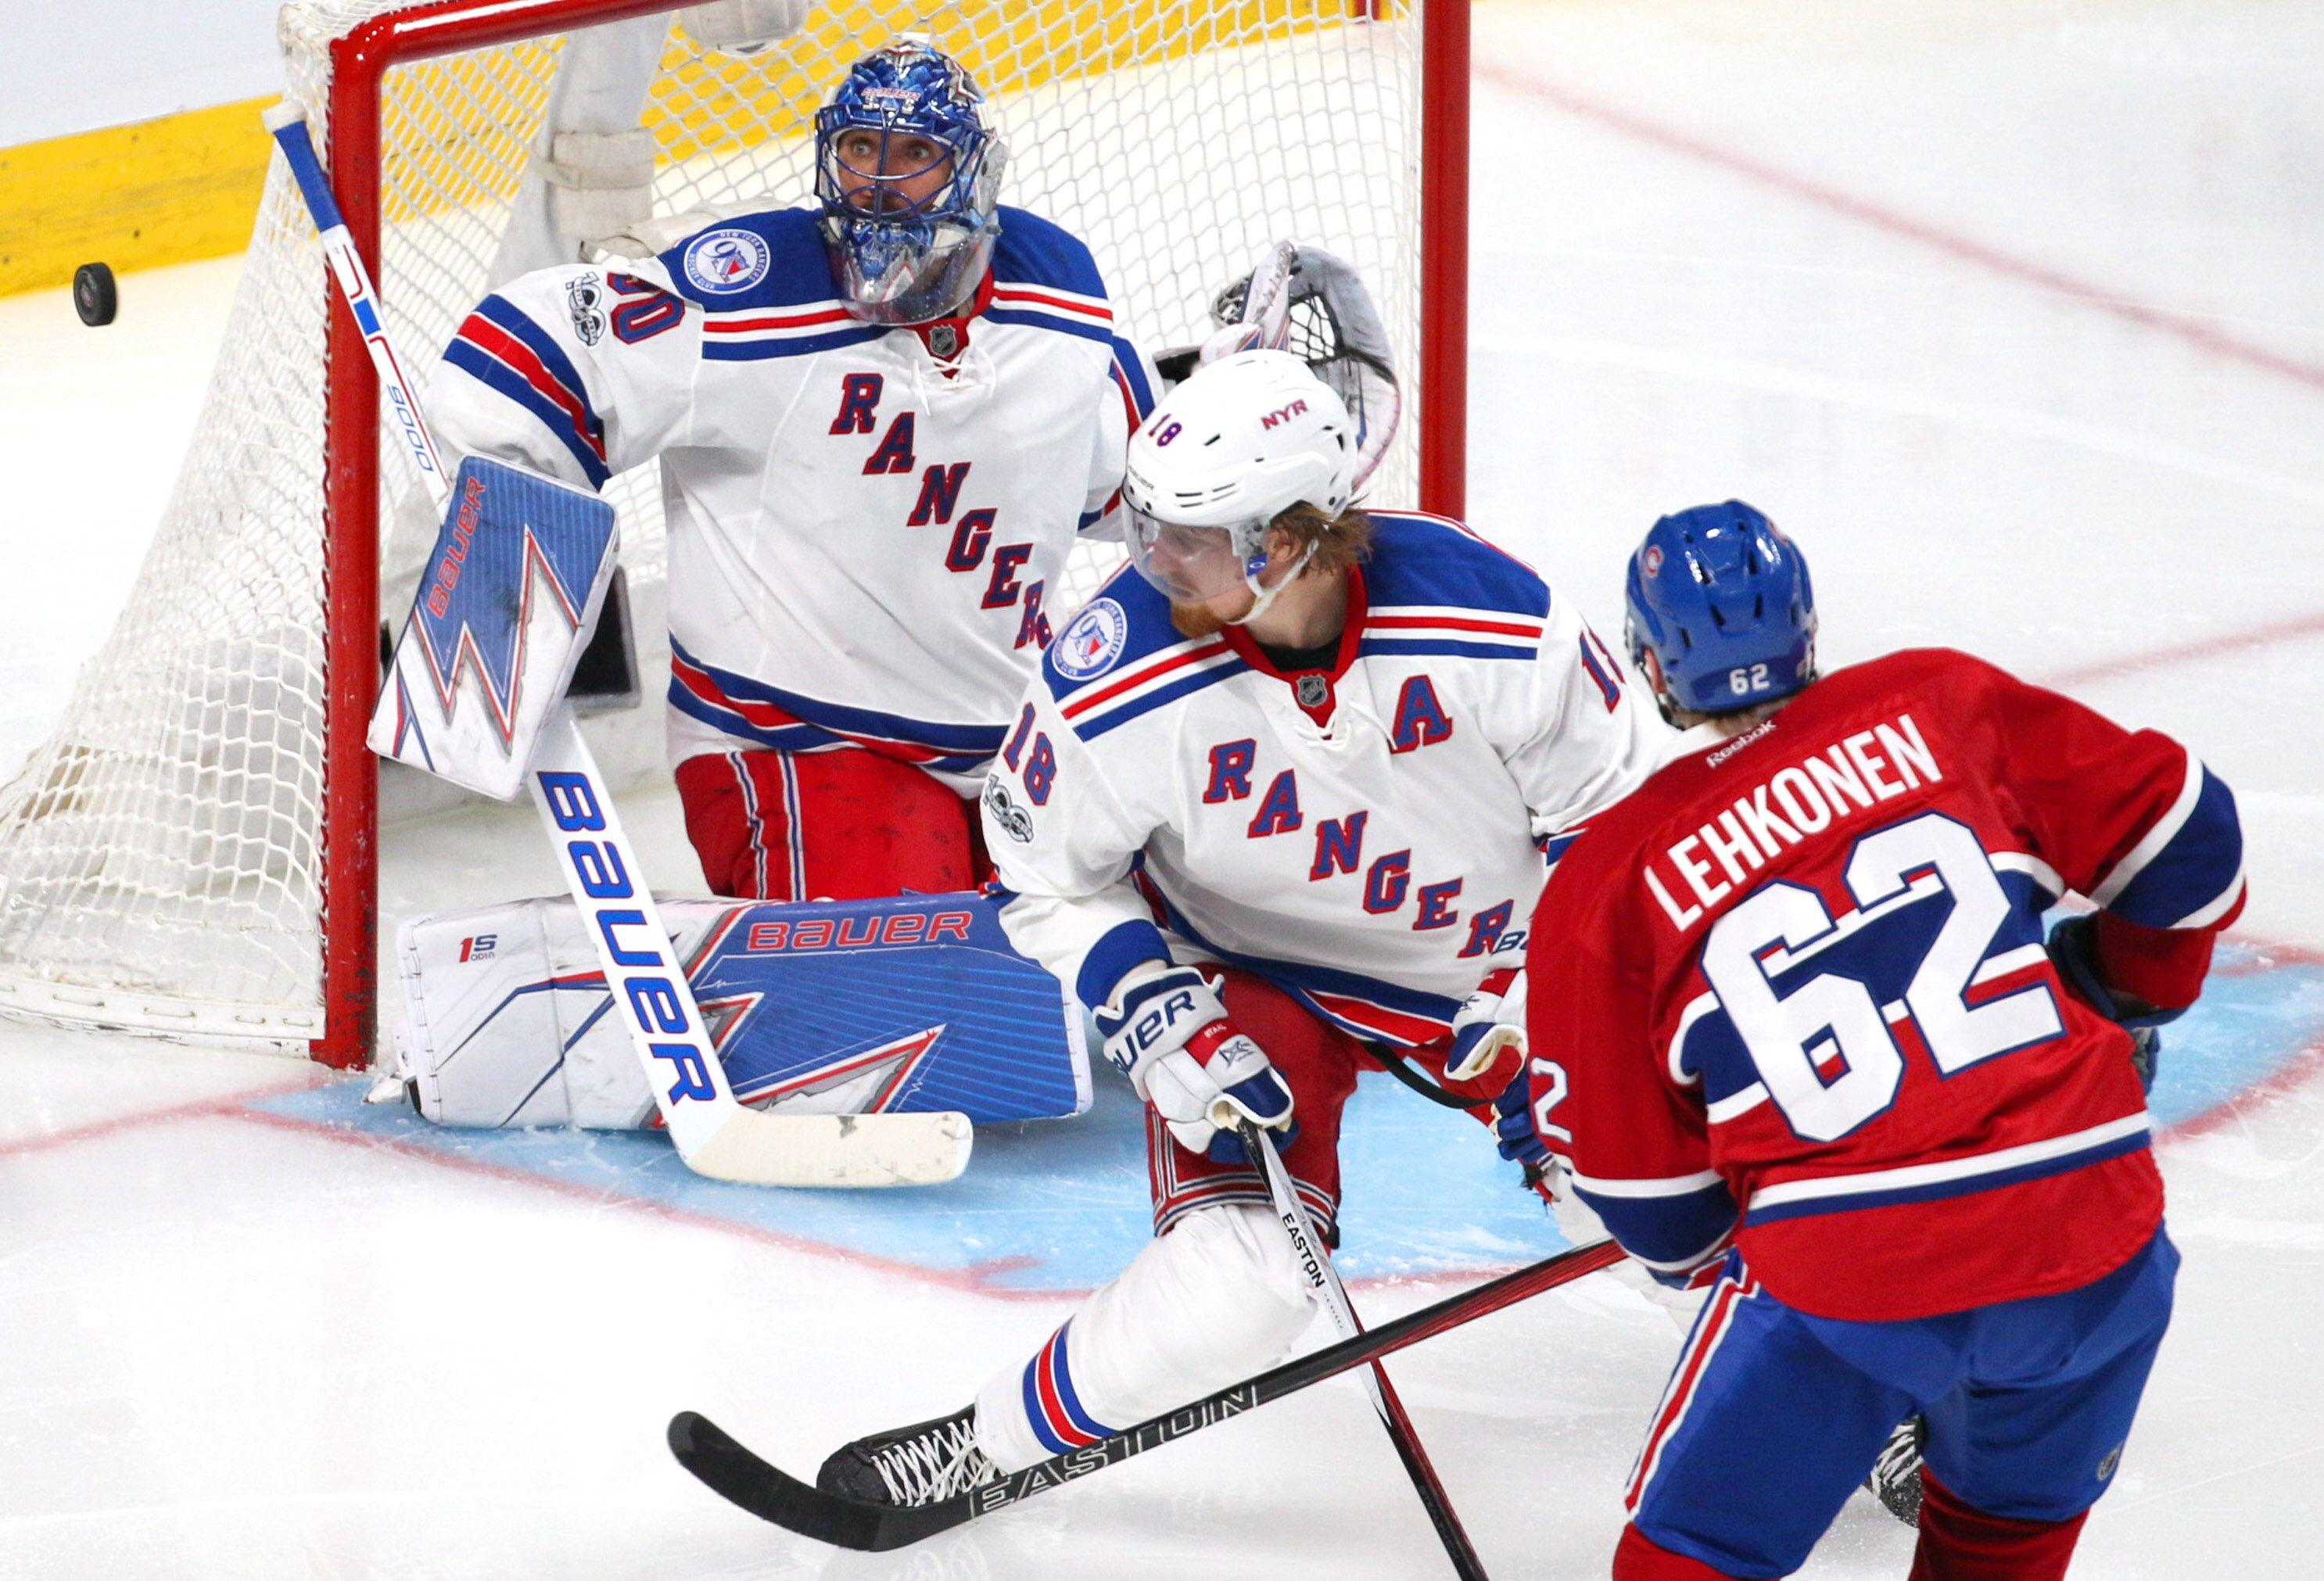 Canadiens vs. Rangers Live Steam: Watch NHL Playoffs Online